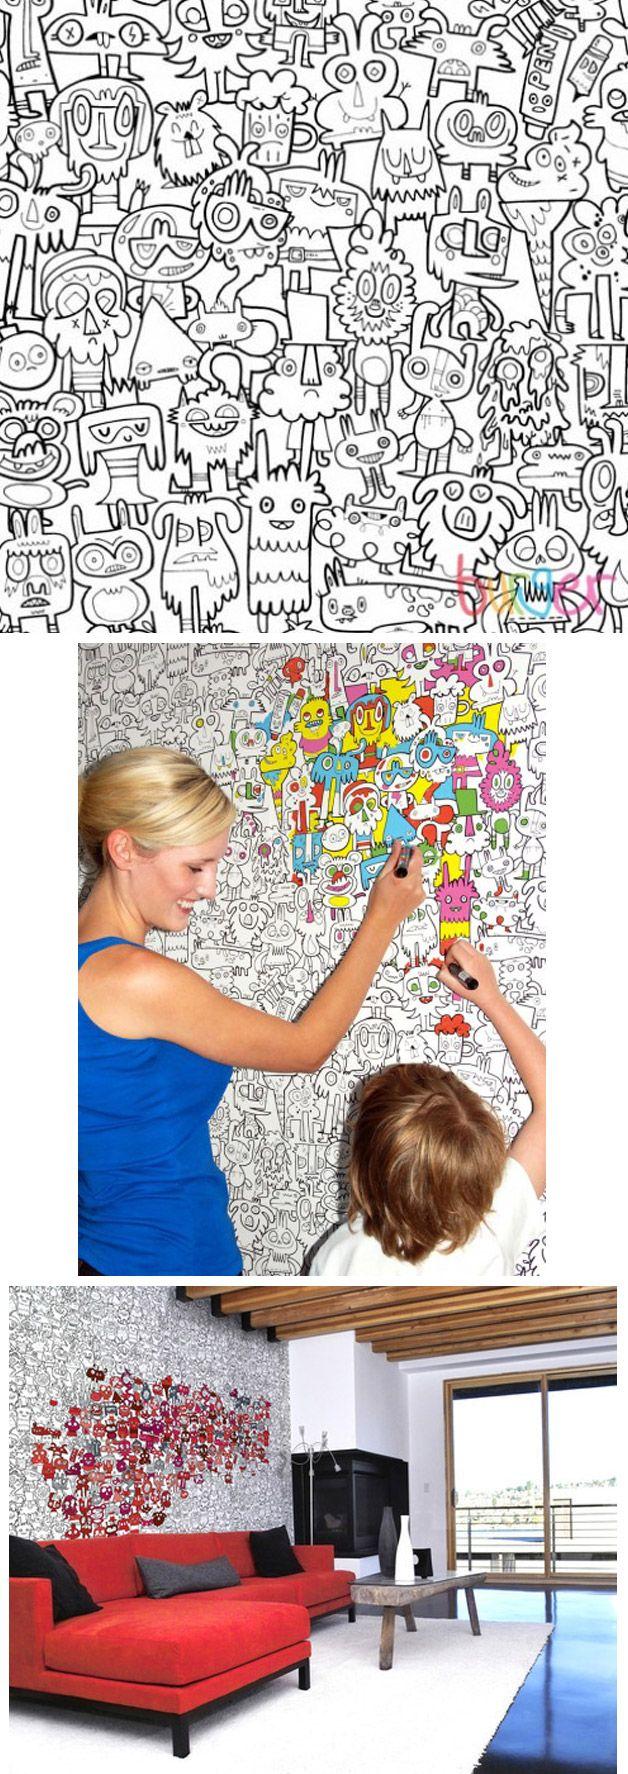 A loja virtual Burger Plex criou um papel de parede para colorir. A ideia simples pode deixar um cômodo de uma casa mais interessante apenas escolhendo as cores e o padrão para pintar. As crianças finalmente serão livres para pintar as paredes do quarto.